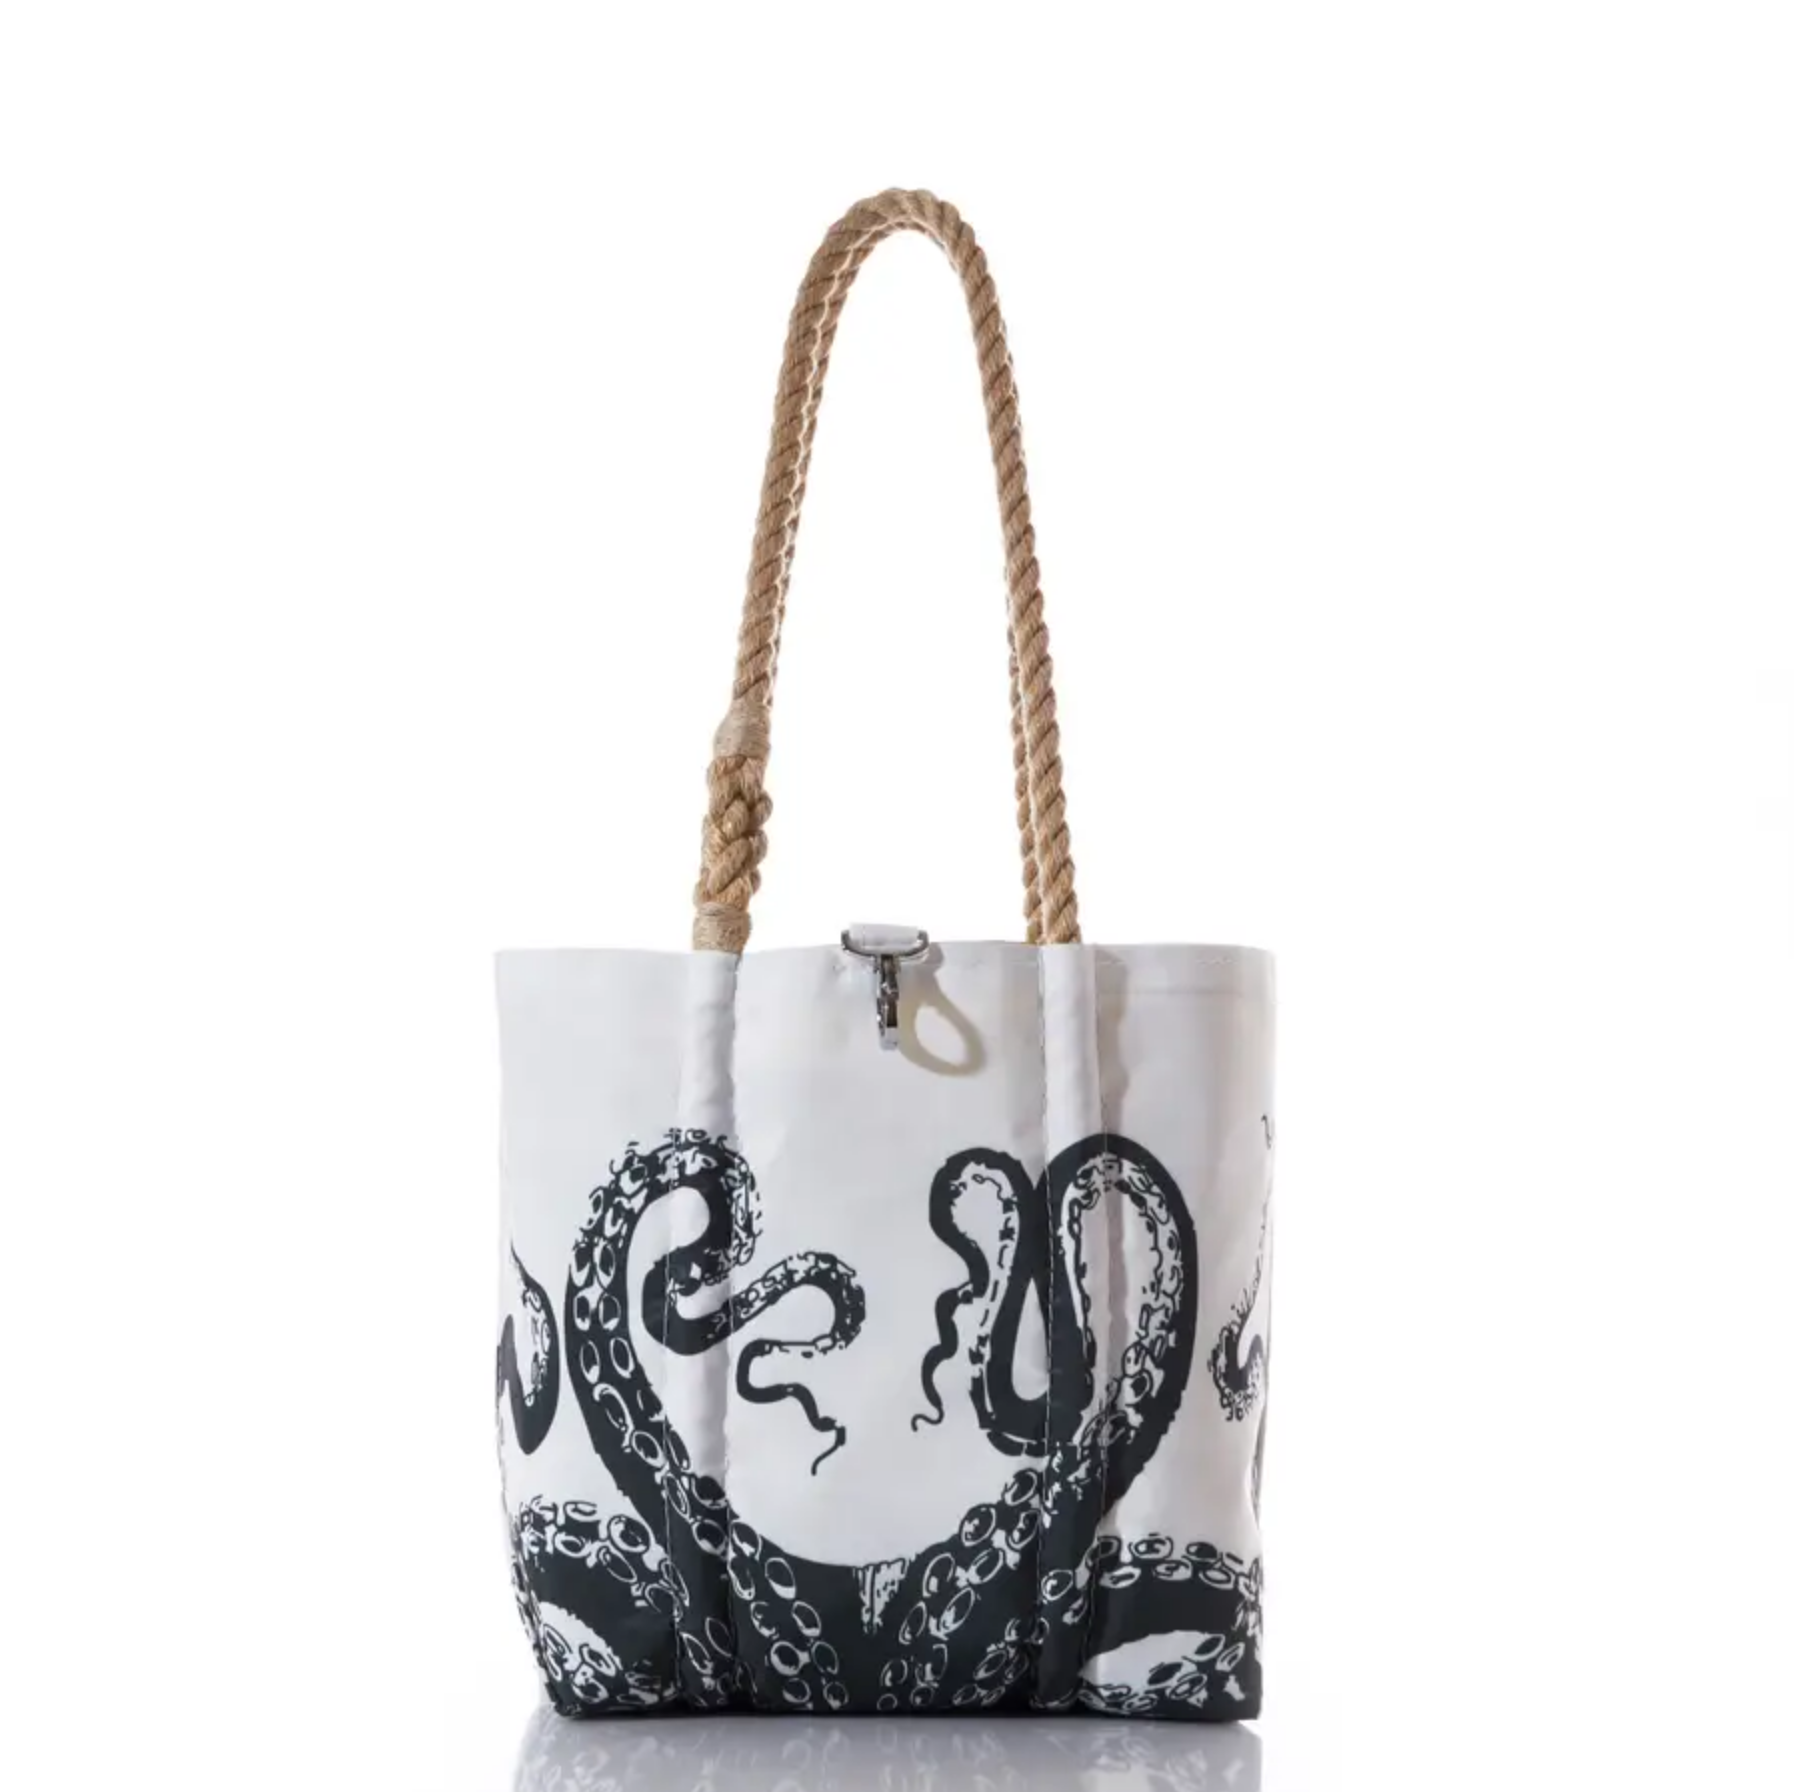 Sea Bags Sea Bags Species Tote - Black Octopus - Hemp Handles - Small